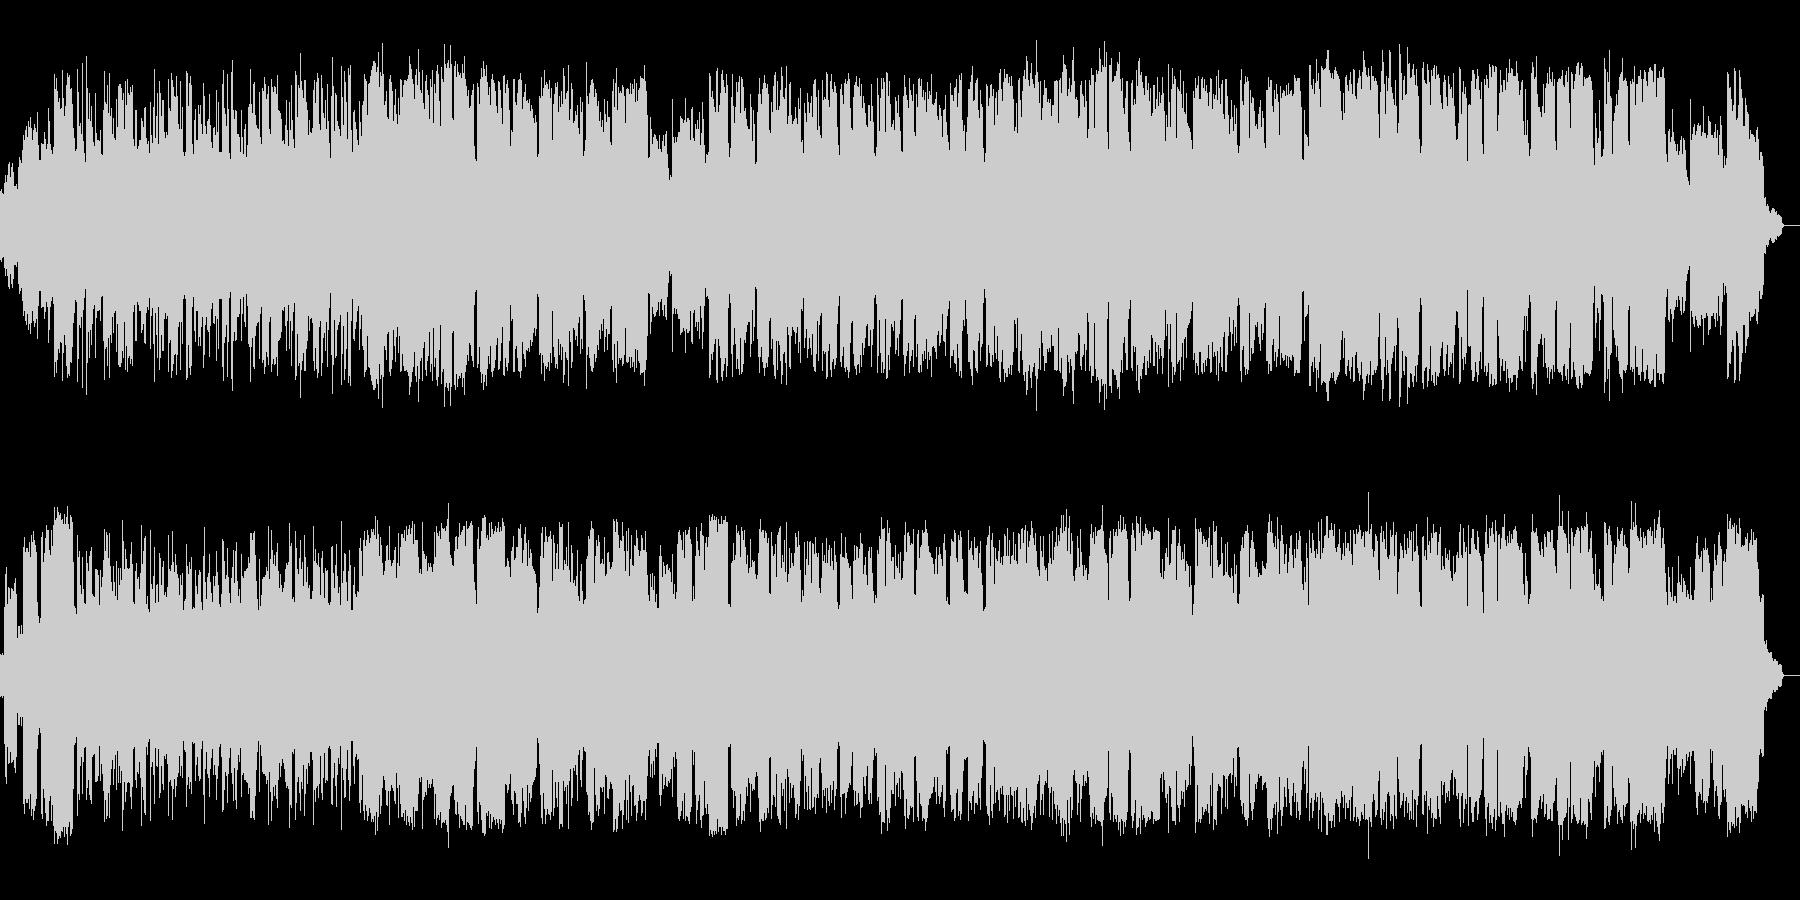 ピアノとサックスのまったりしたjazzの未再生の波形